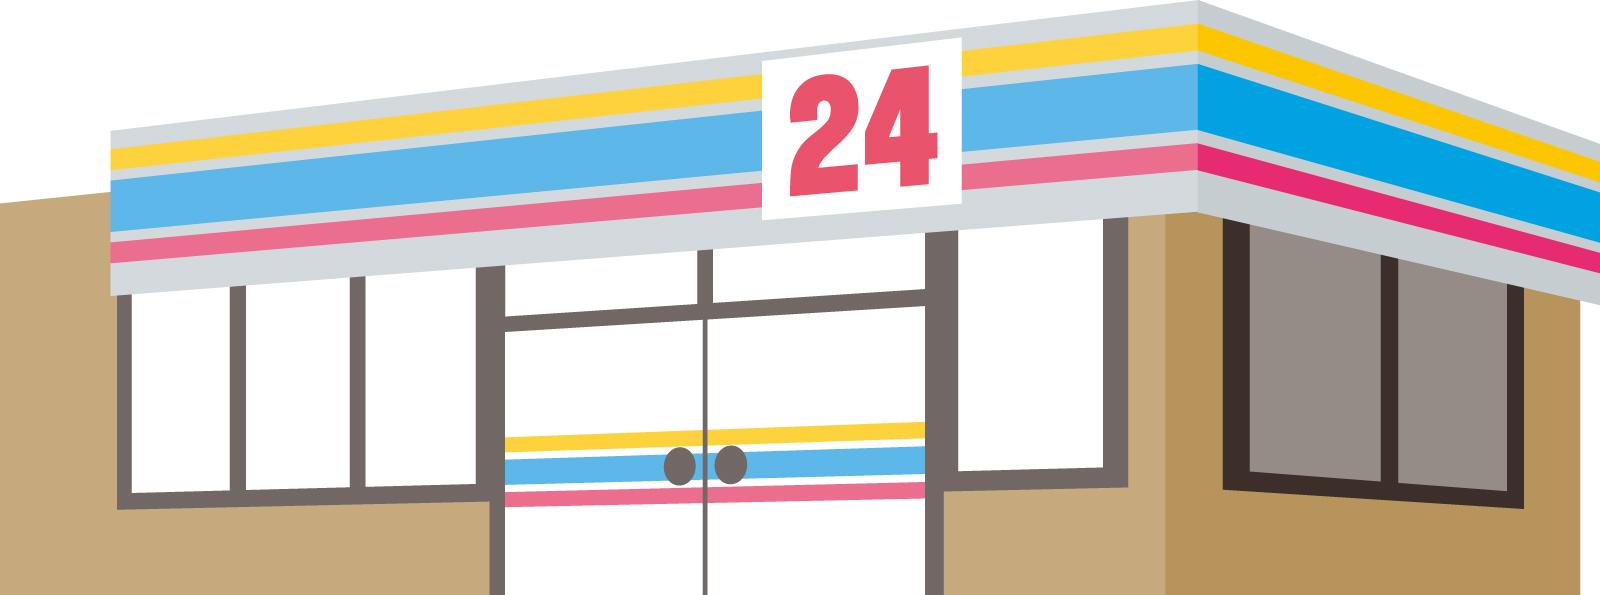 メリット 時間 コンビニ 24 営業